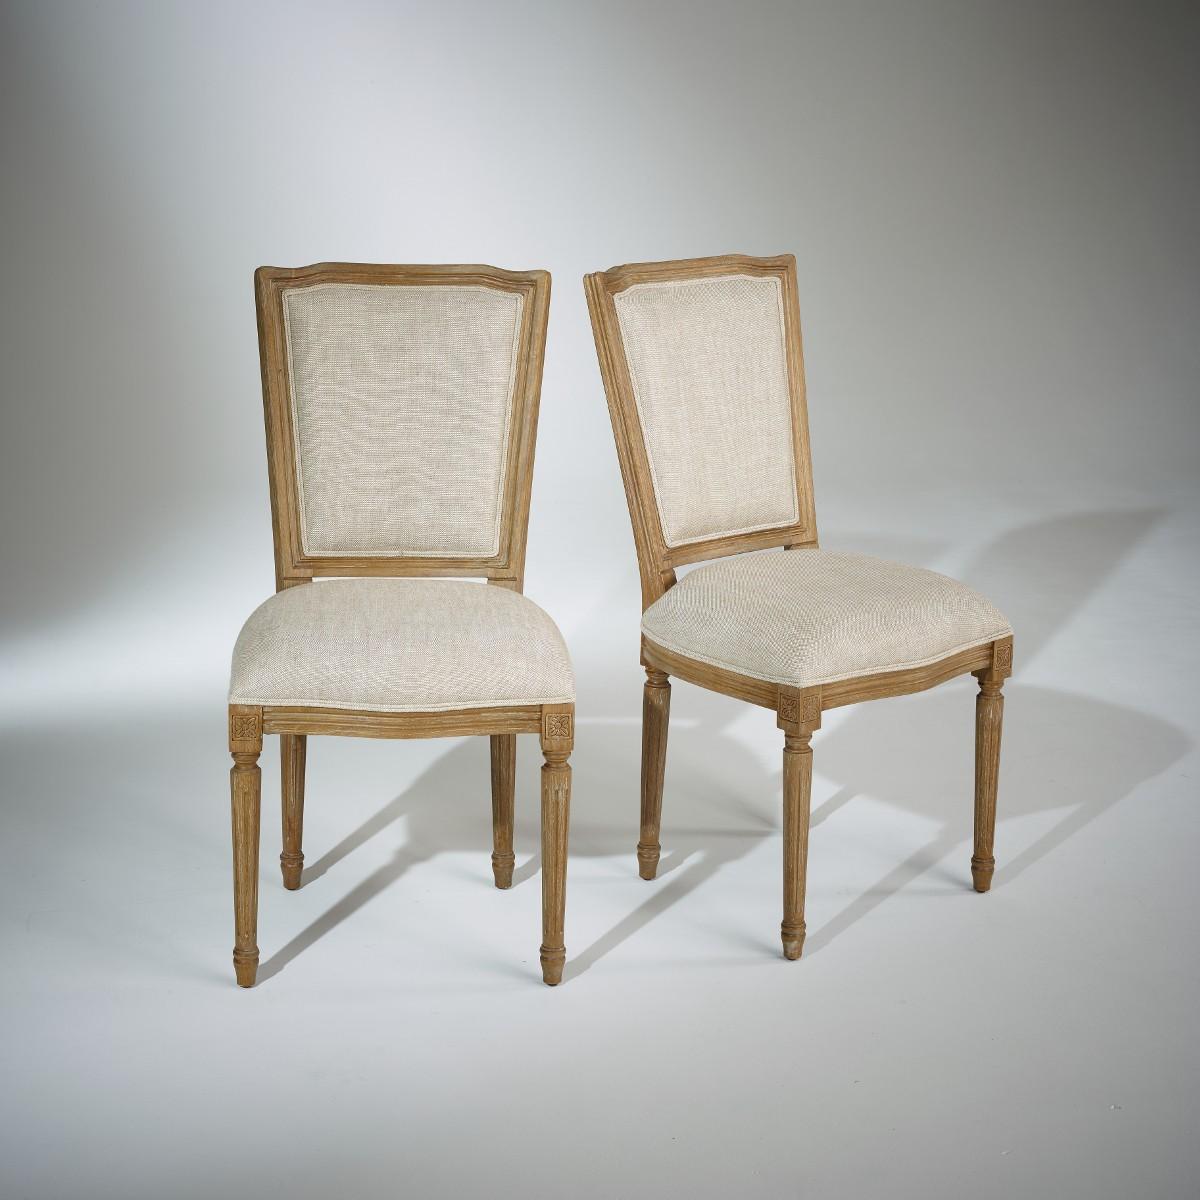 chaises marie antoinette patine bois c rus gris lin pr mium. Black Bedroom Furniture Sets. Home Design Ideas